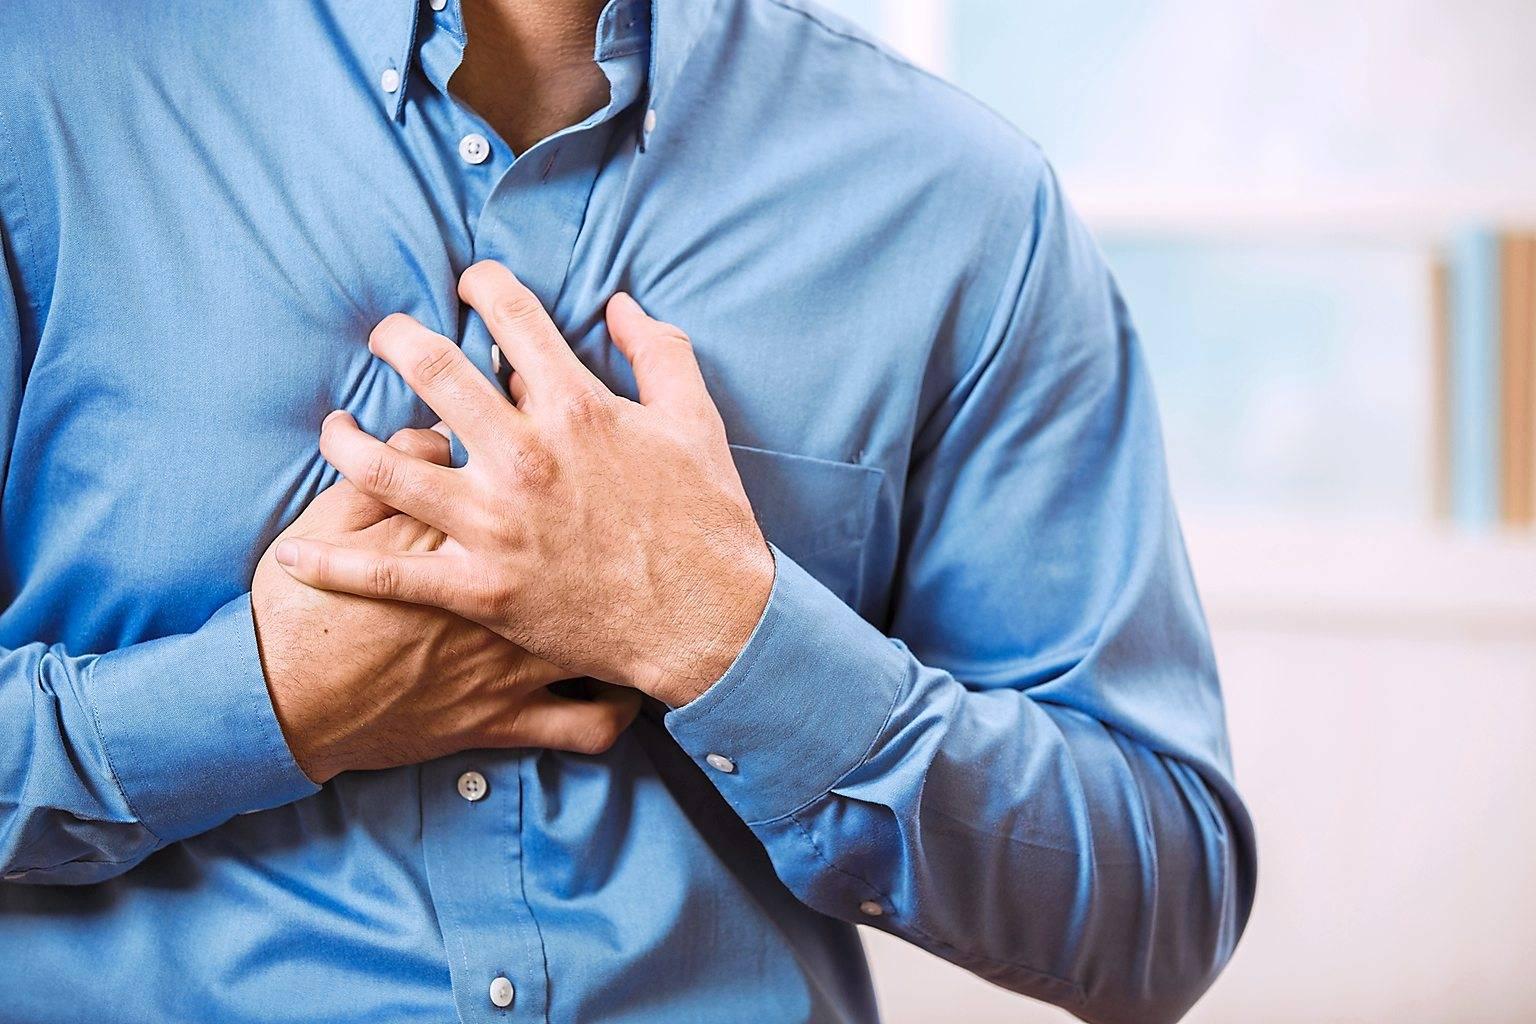 ما هي الذبحة الصدرية Angina؟ وماهي أنواعها وأعراضها وكيف يتم علاجها؟